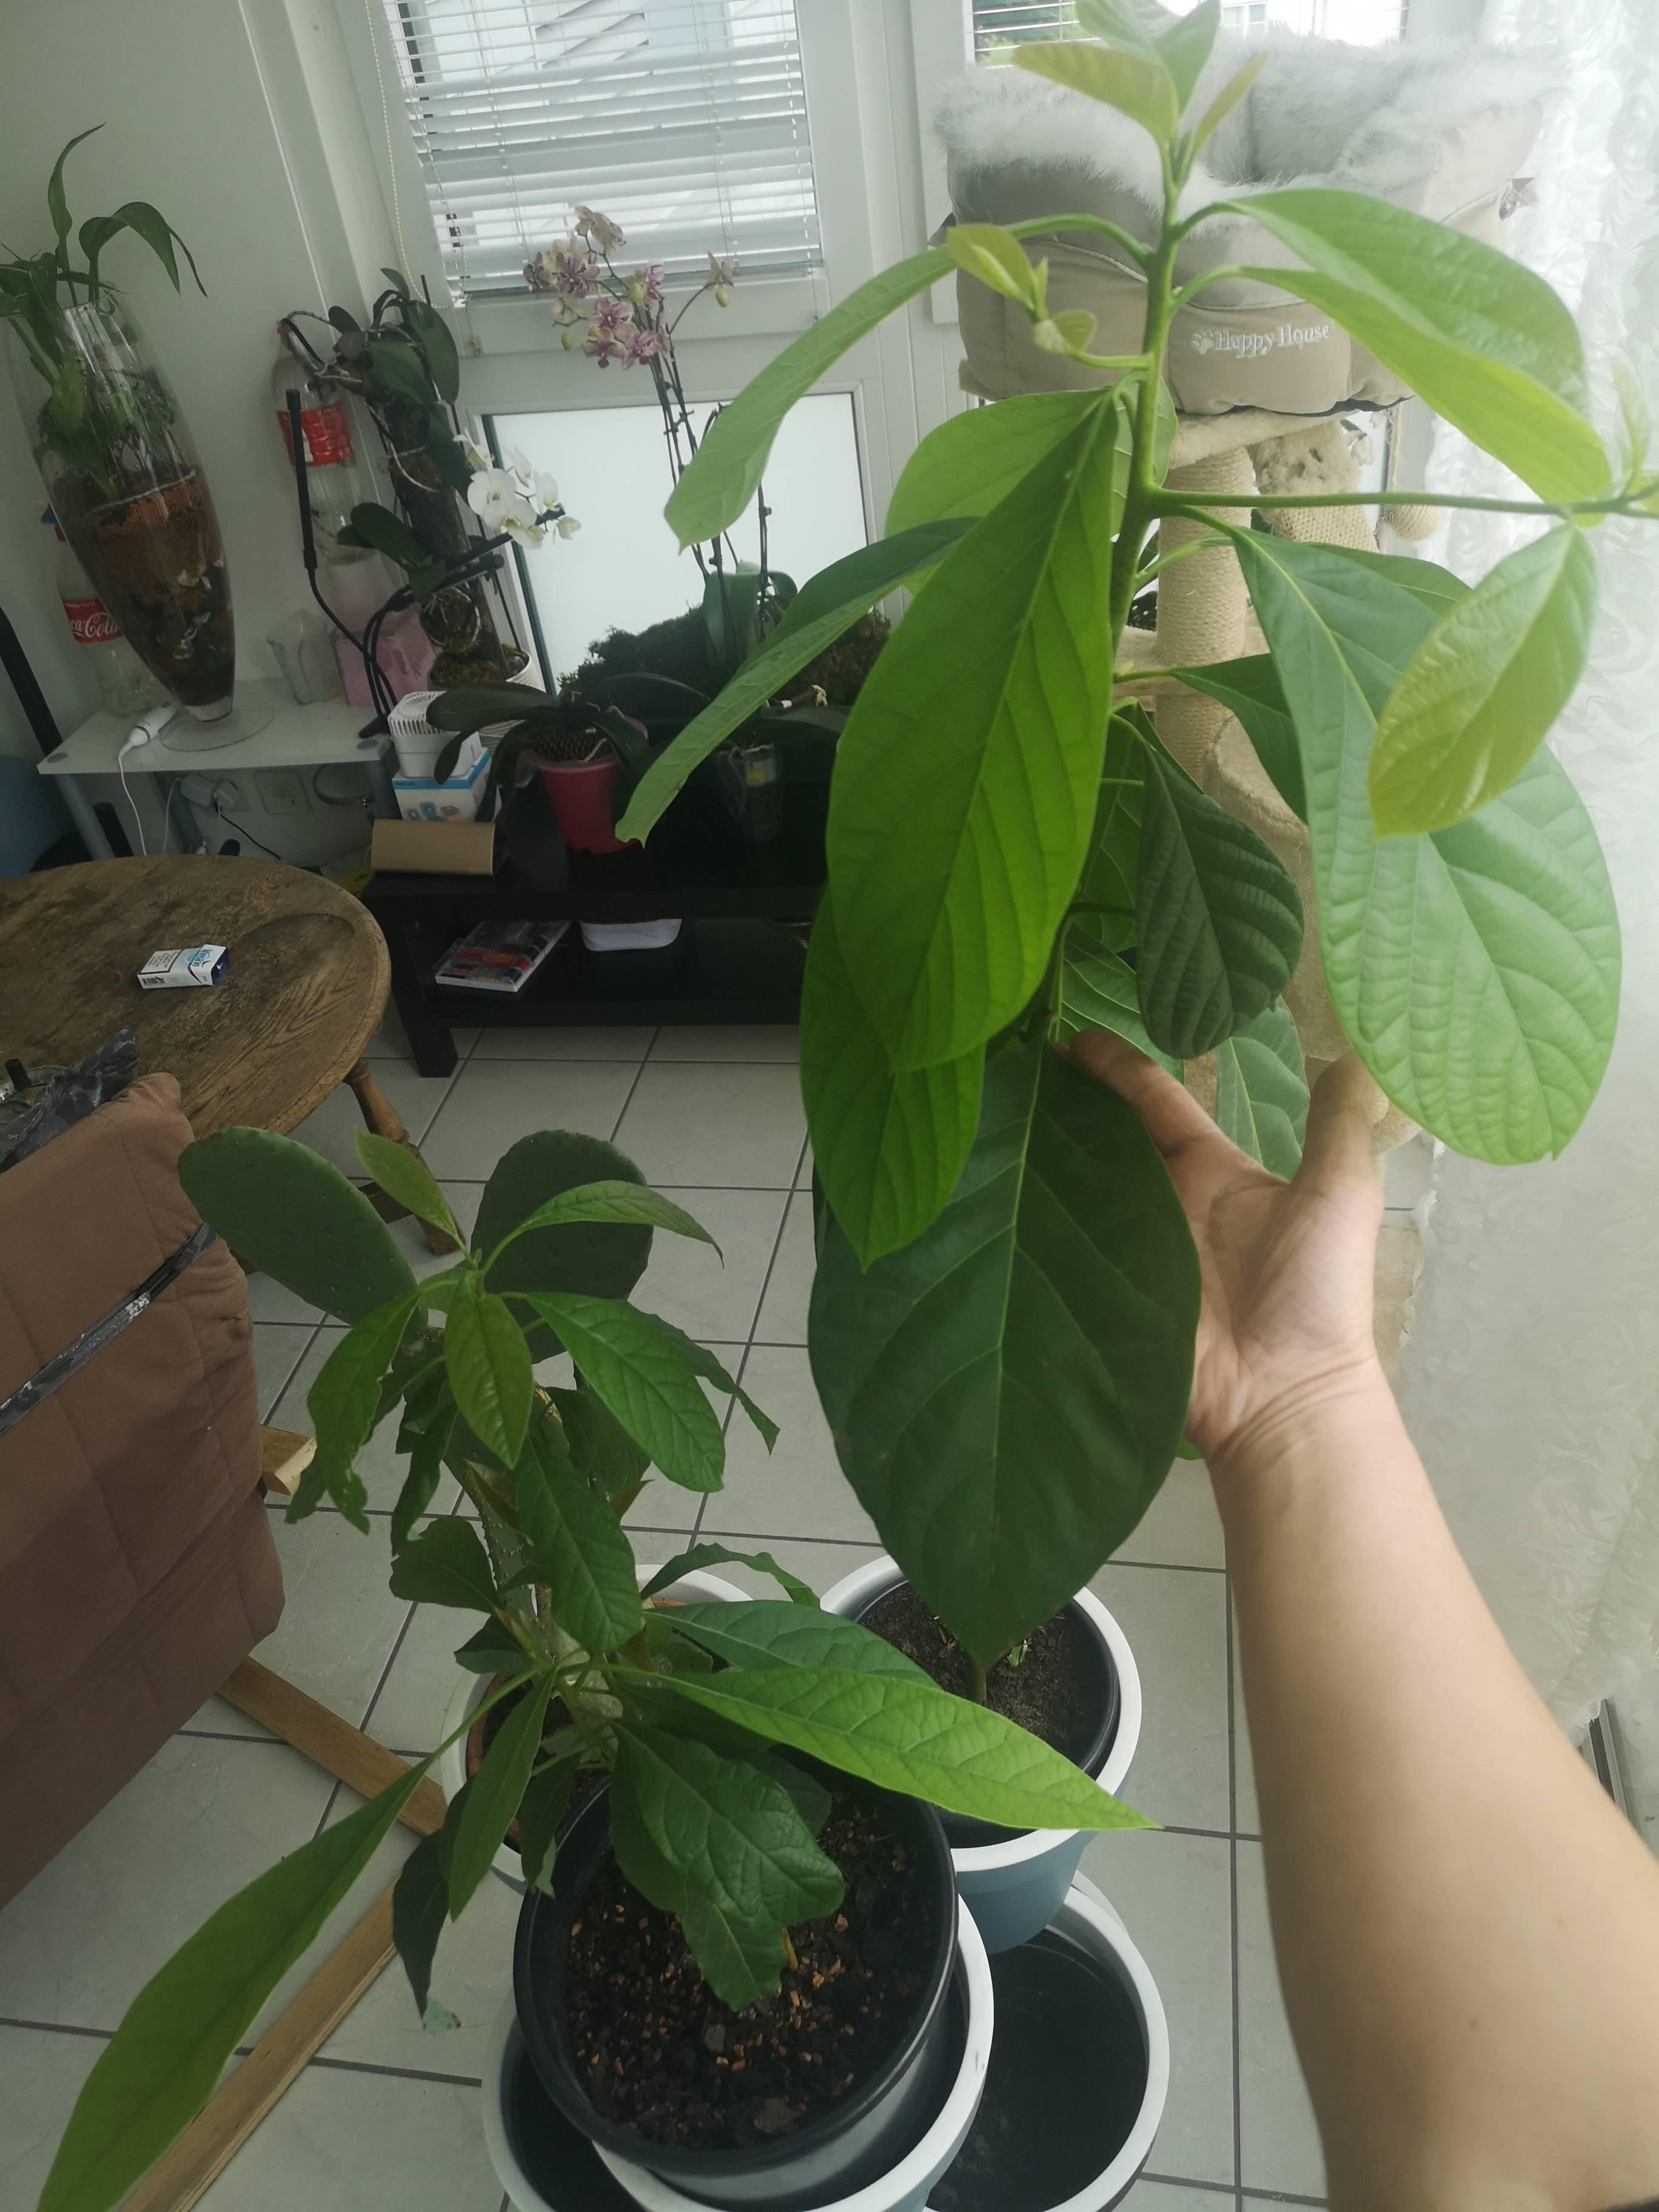 Листья авокадо чернеют и сохнут. авокадо сохнет, чернеет. почему? как лечить? то, что требует внимания